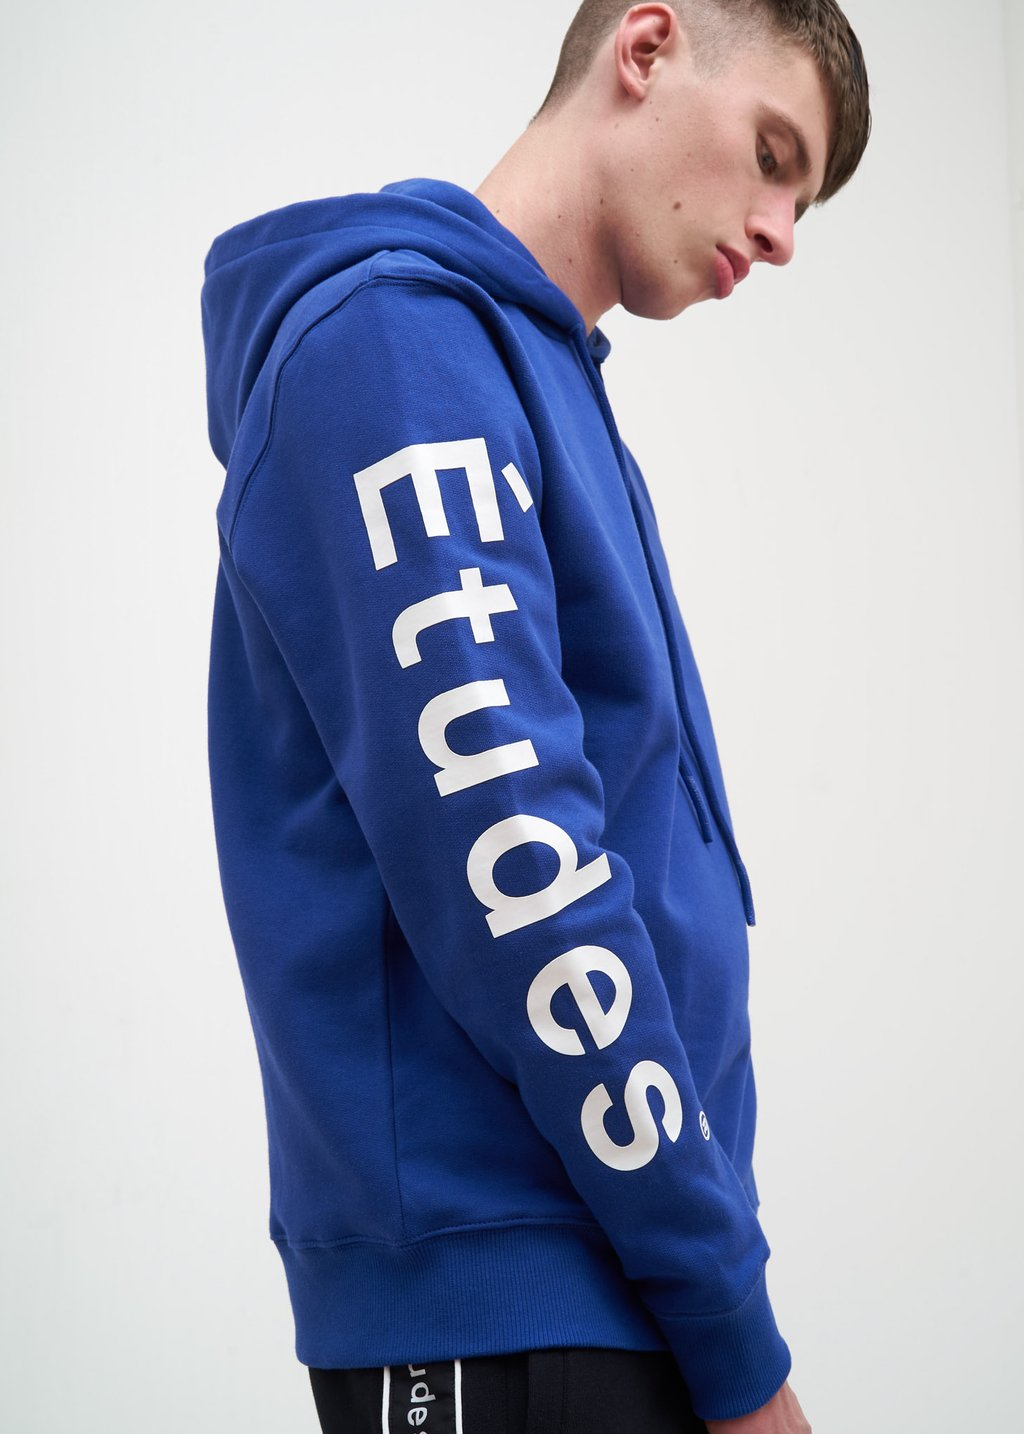 Etudes_Blue_Klein_Etudes_Hoodie-4_1024x.jpg